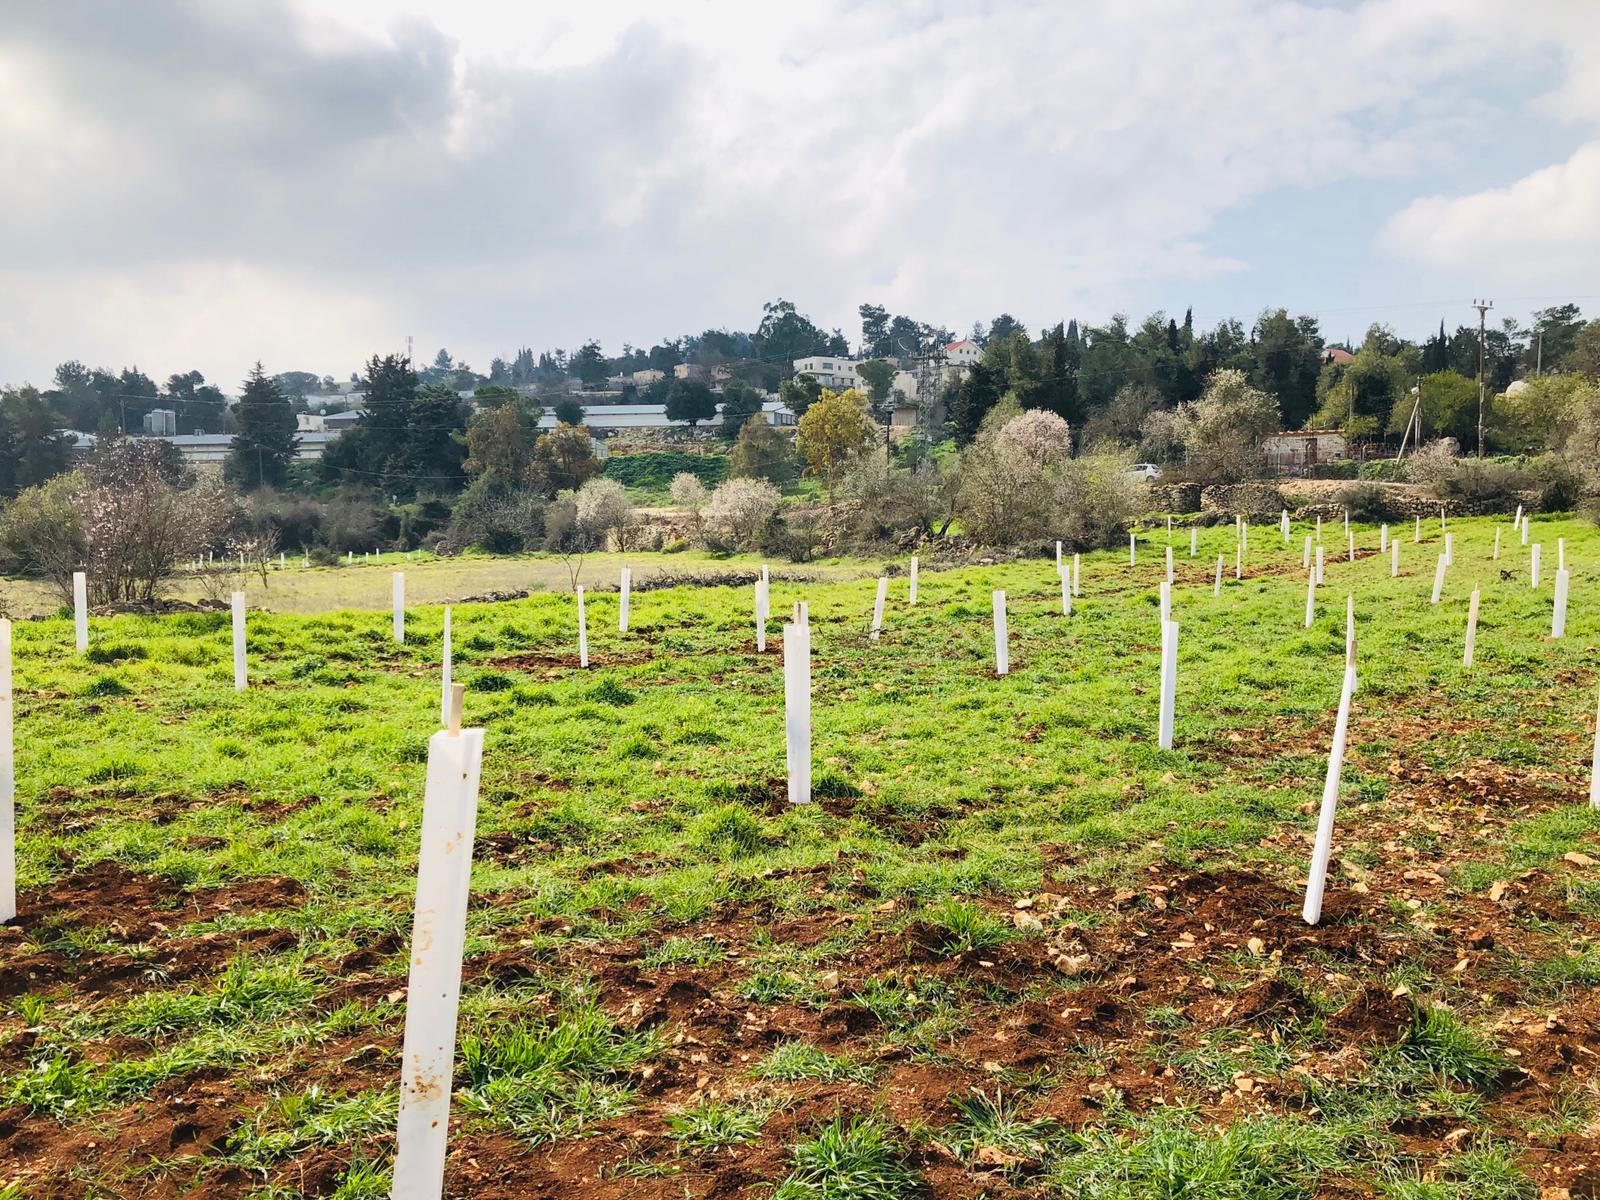 Olijfbomen Margriet Teders-boomgaard